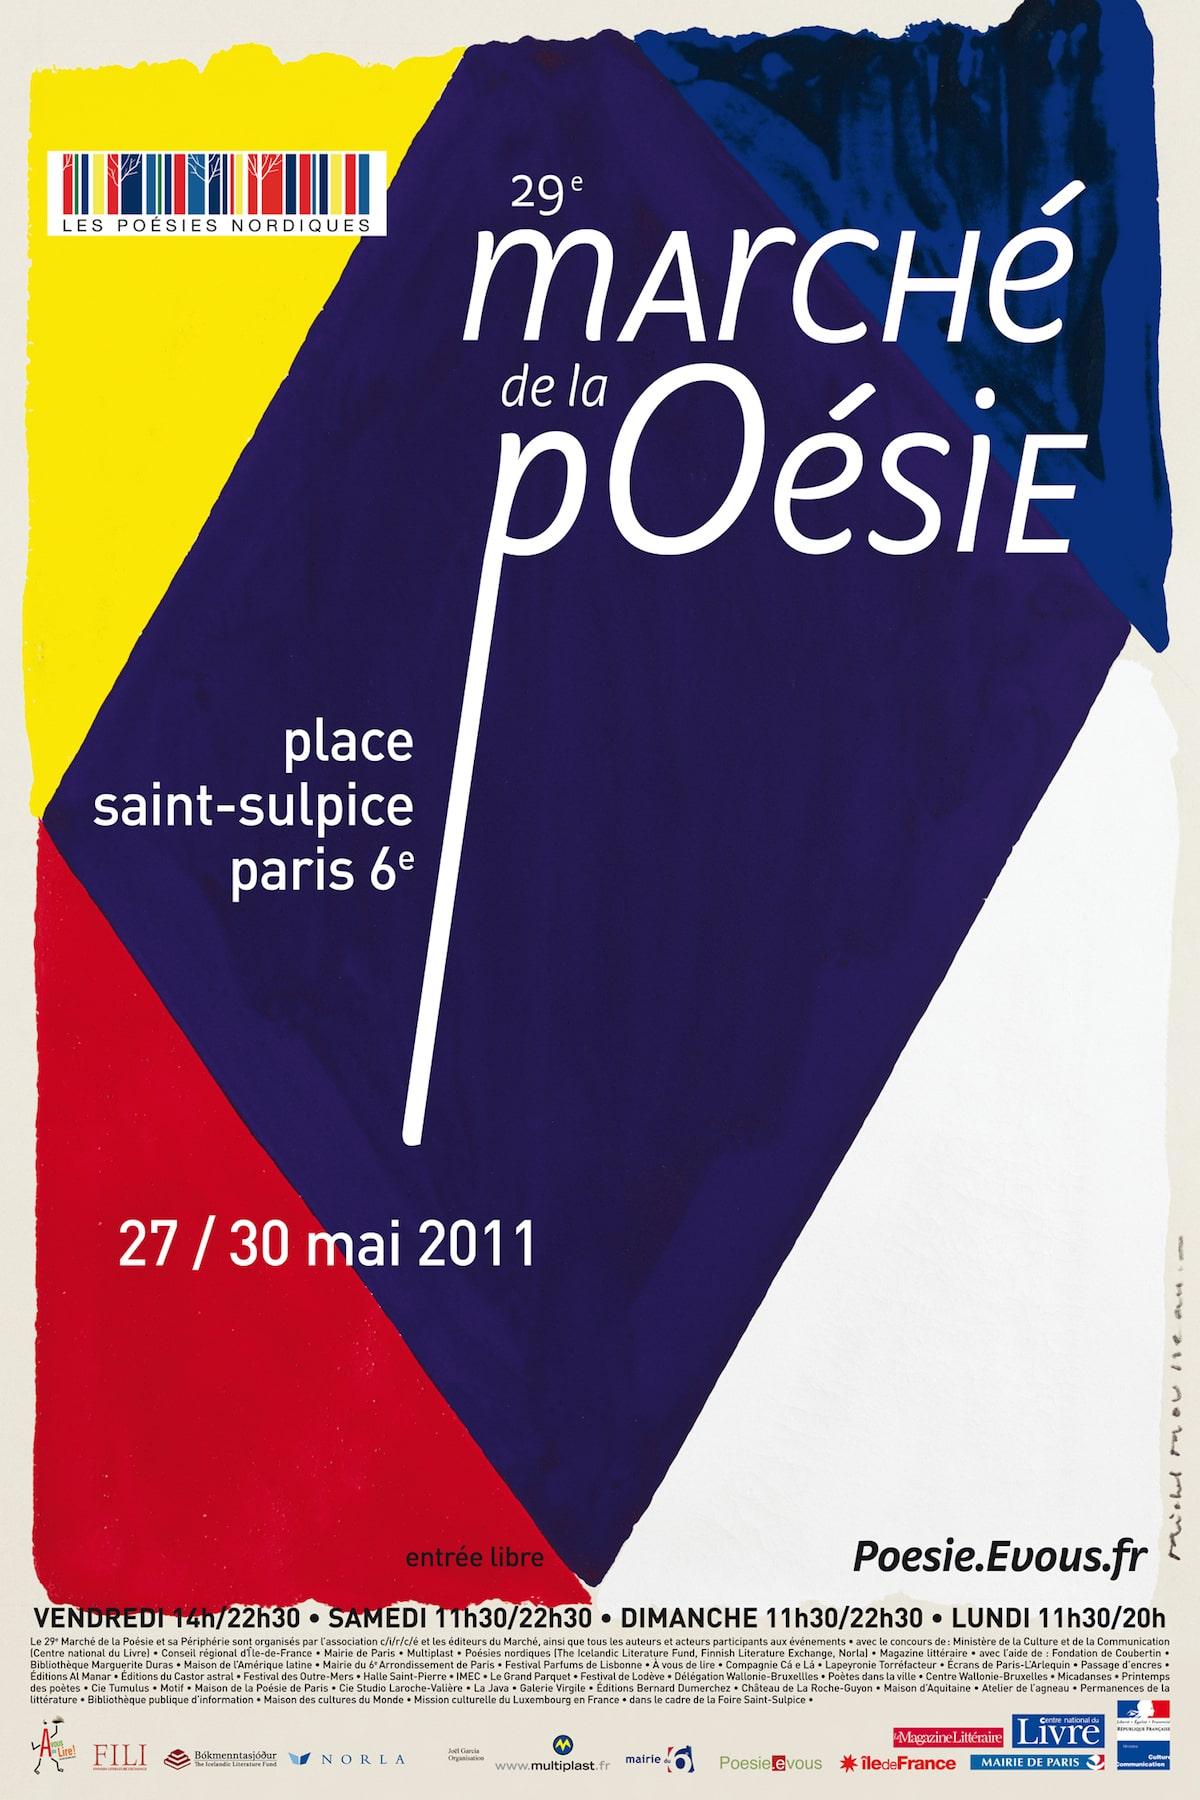 29e marché de la poésie